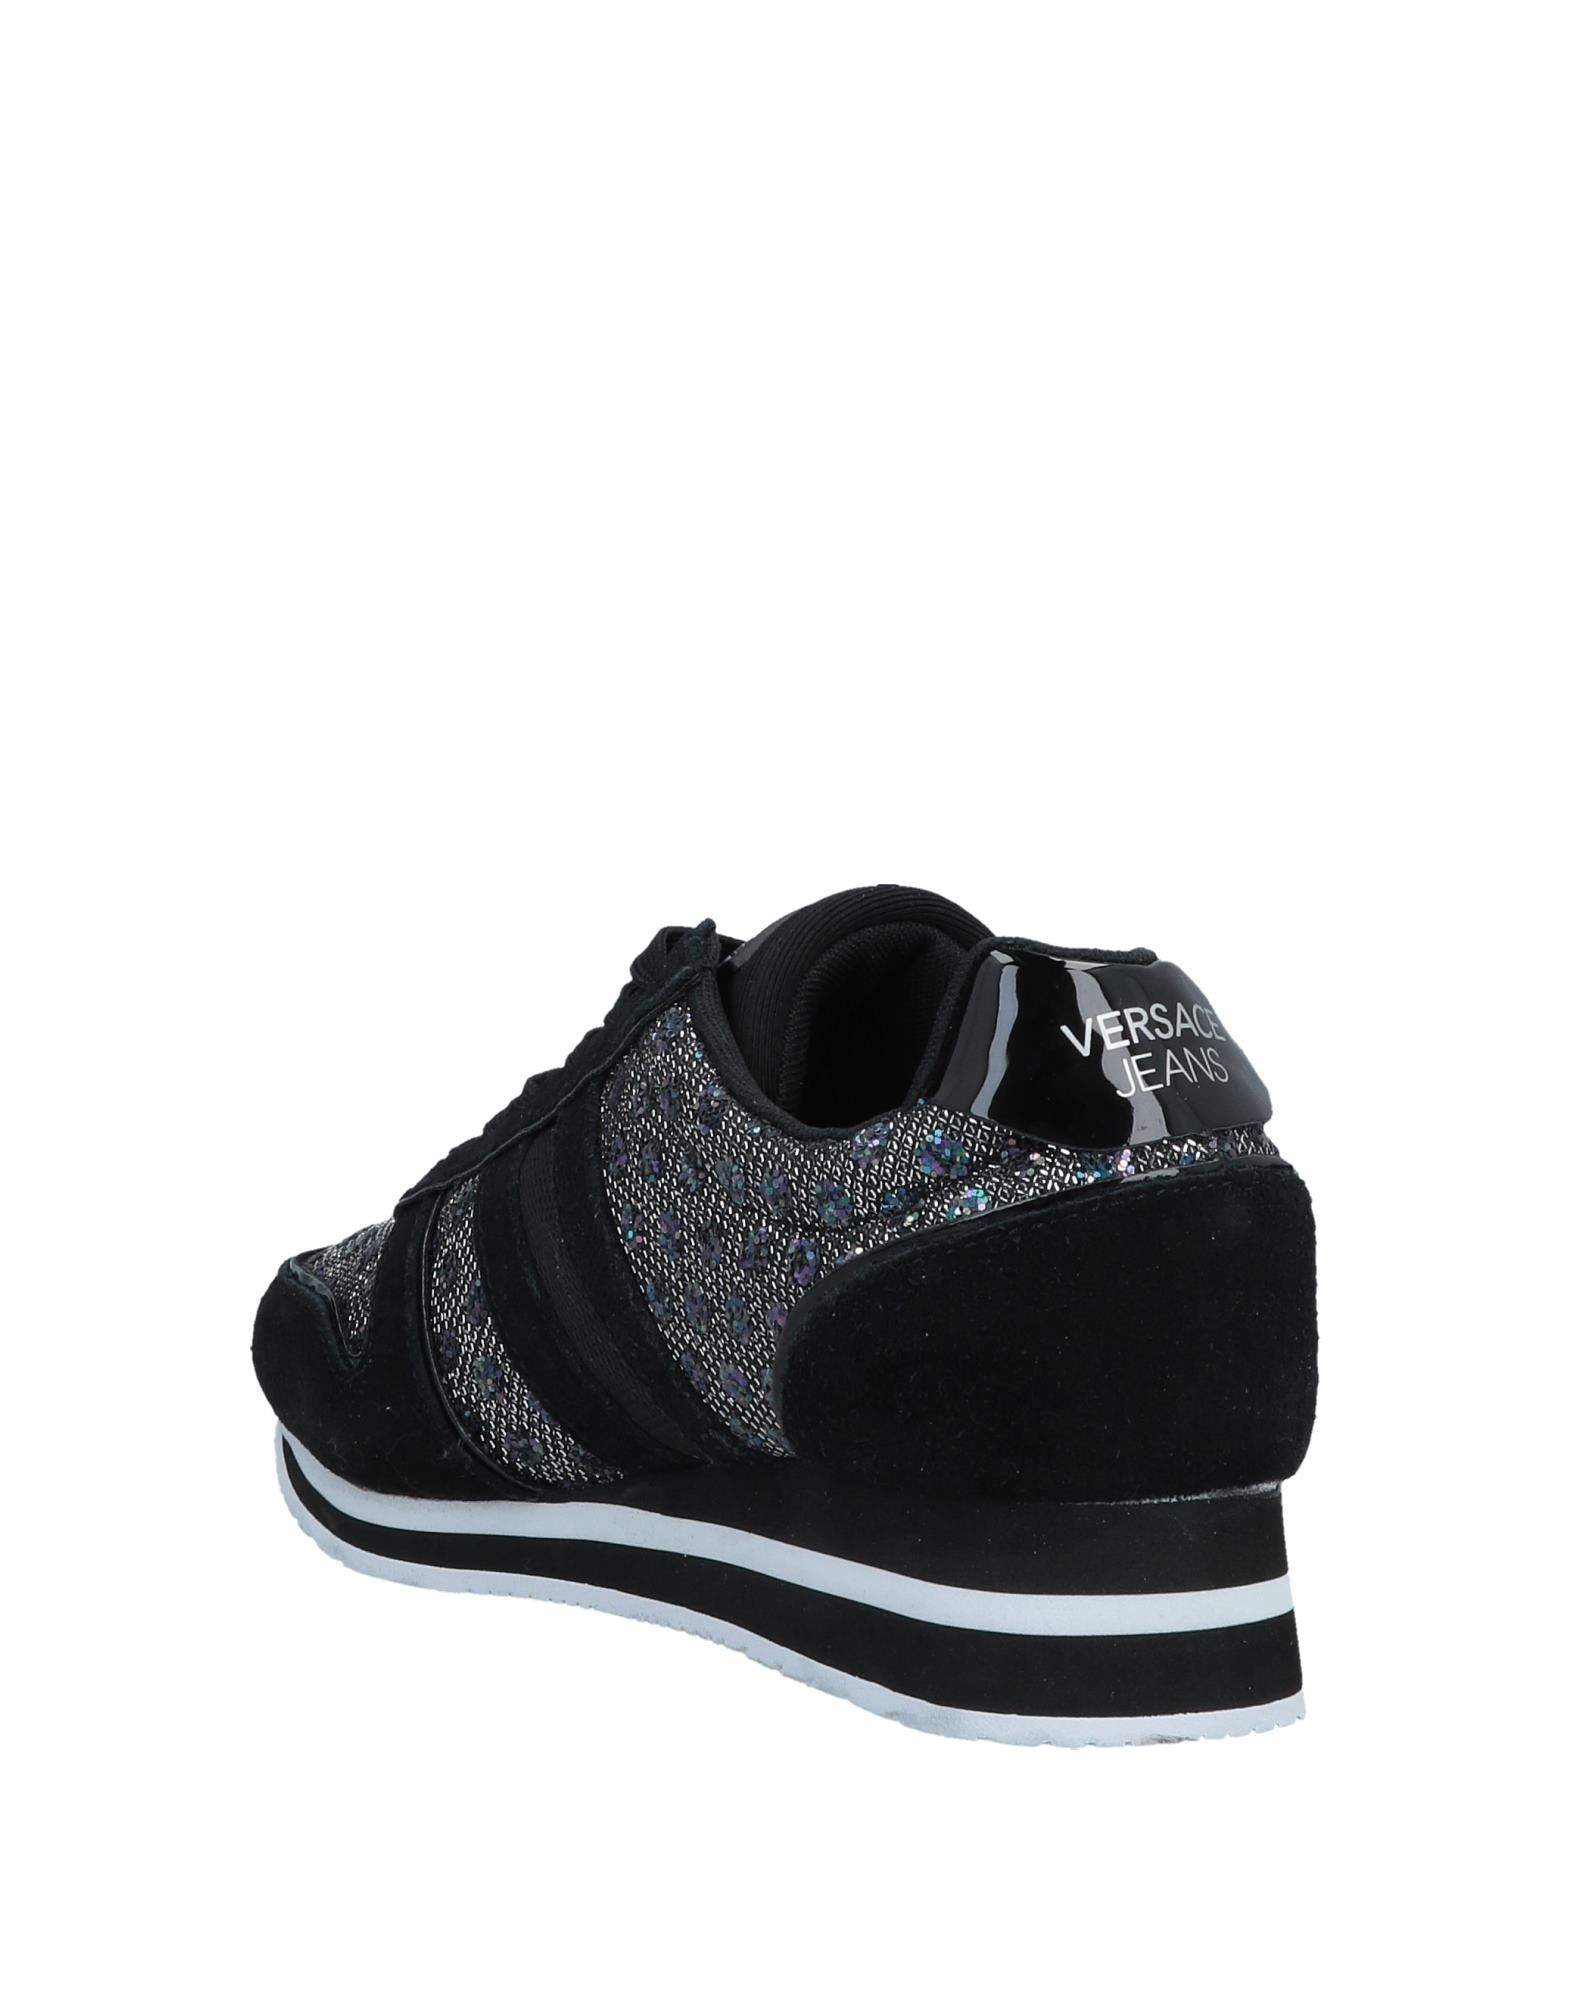 Versace Jeans Sneakers Damen Schuhe  11633363QI Gute Qualität beliebte Schuhe Damen 2b920e